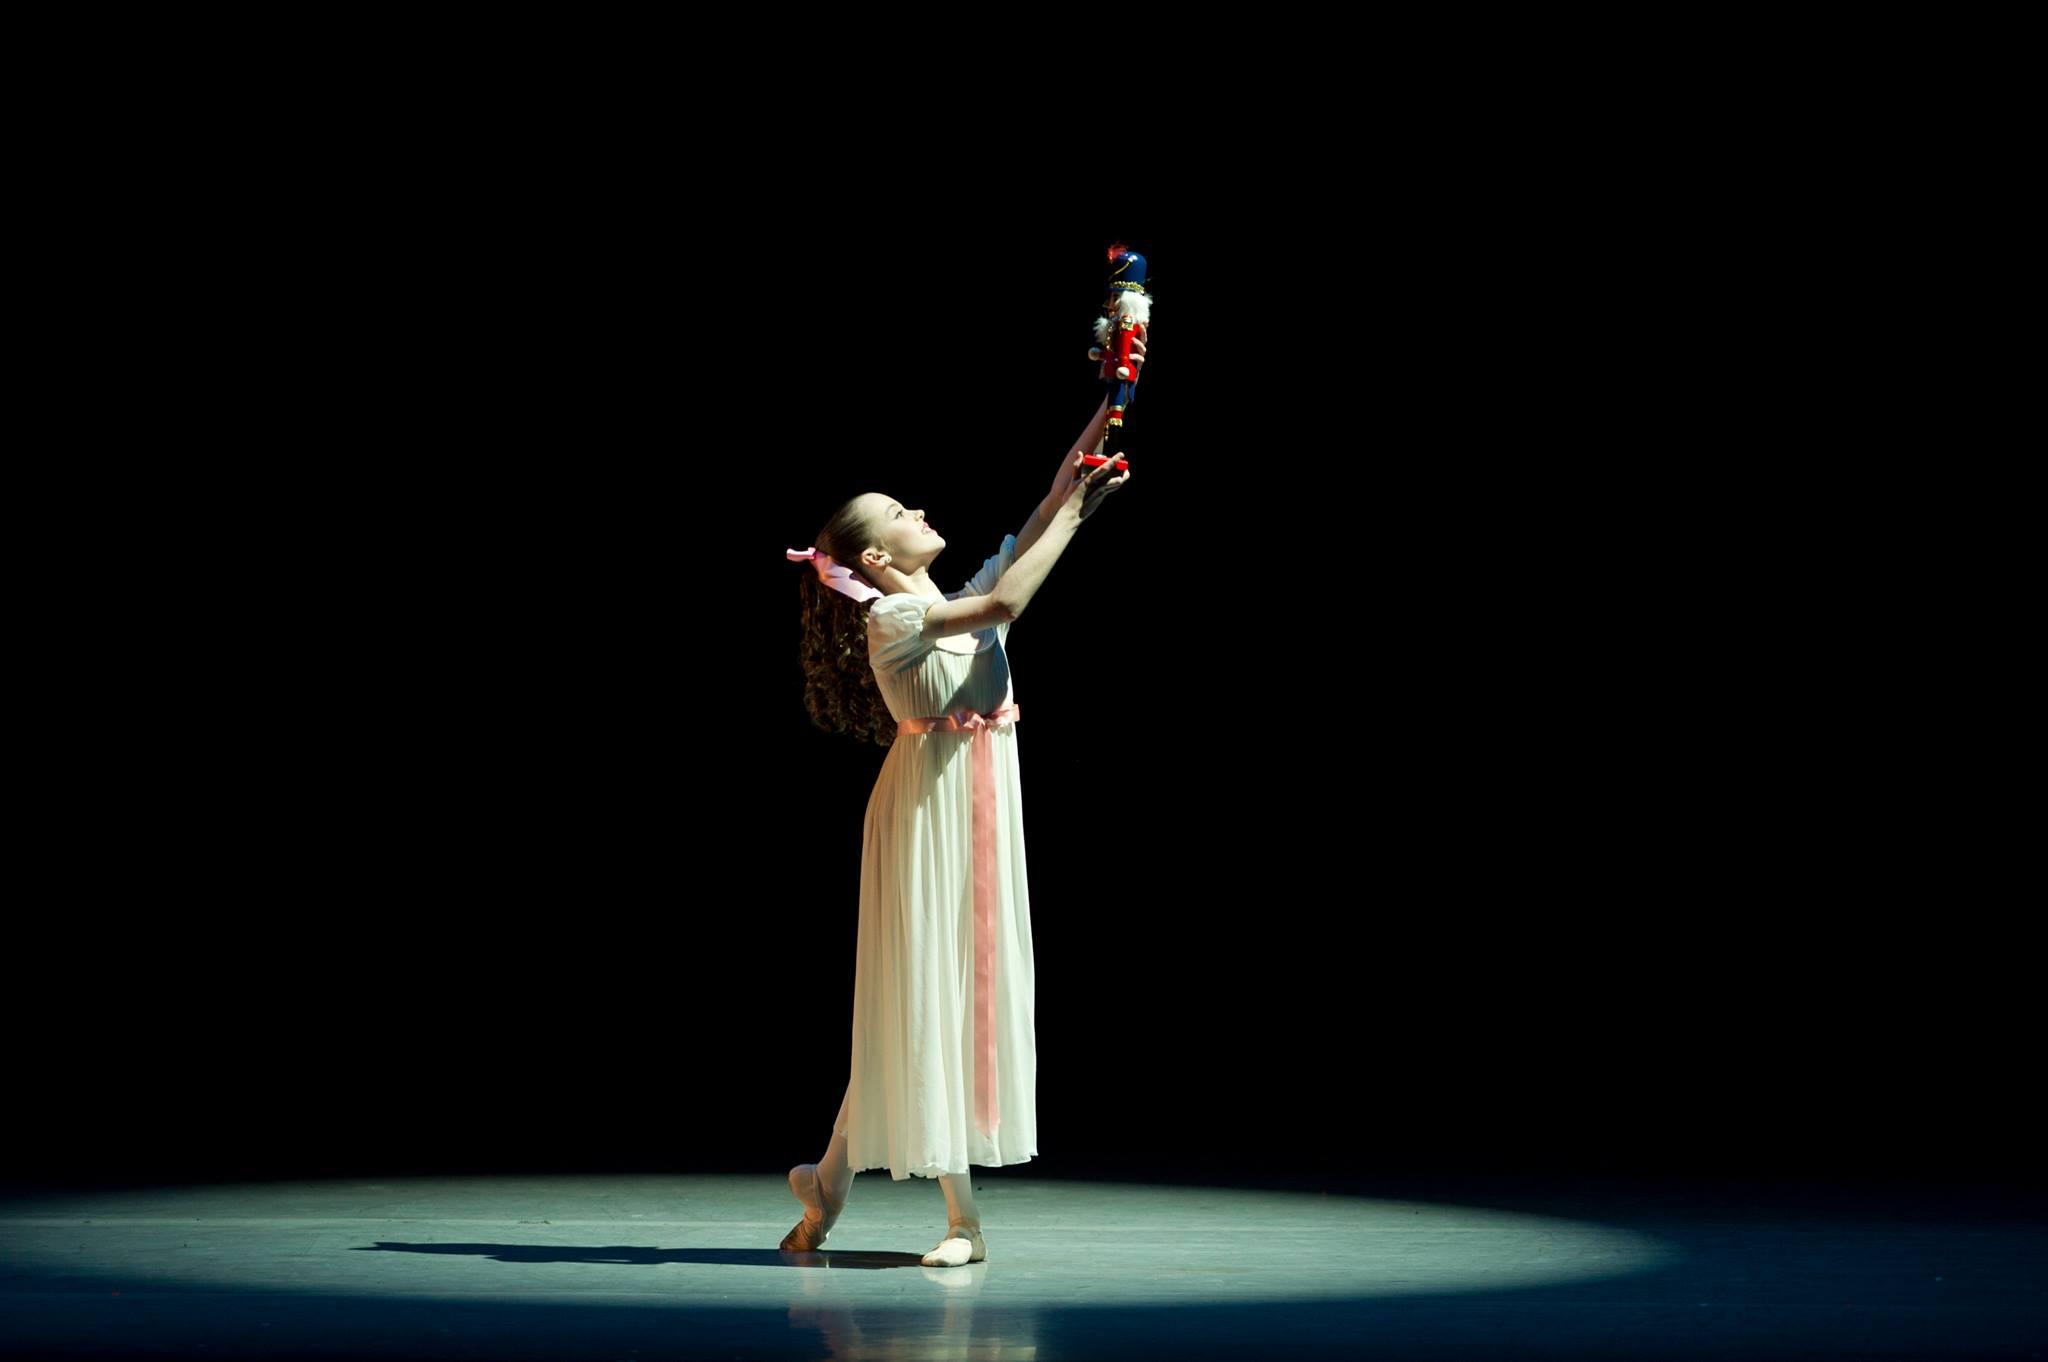 Clara in The Nutcracker (Goh Ballet/Facebook)